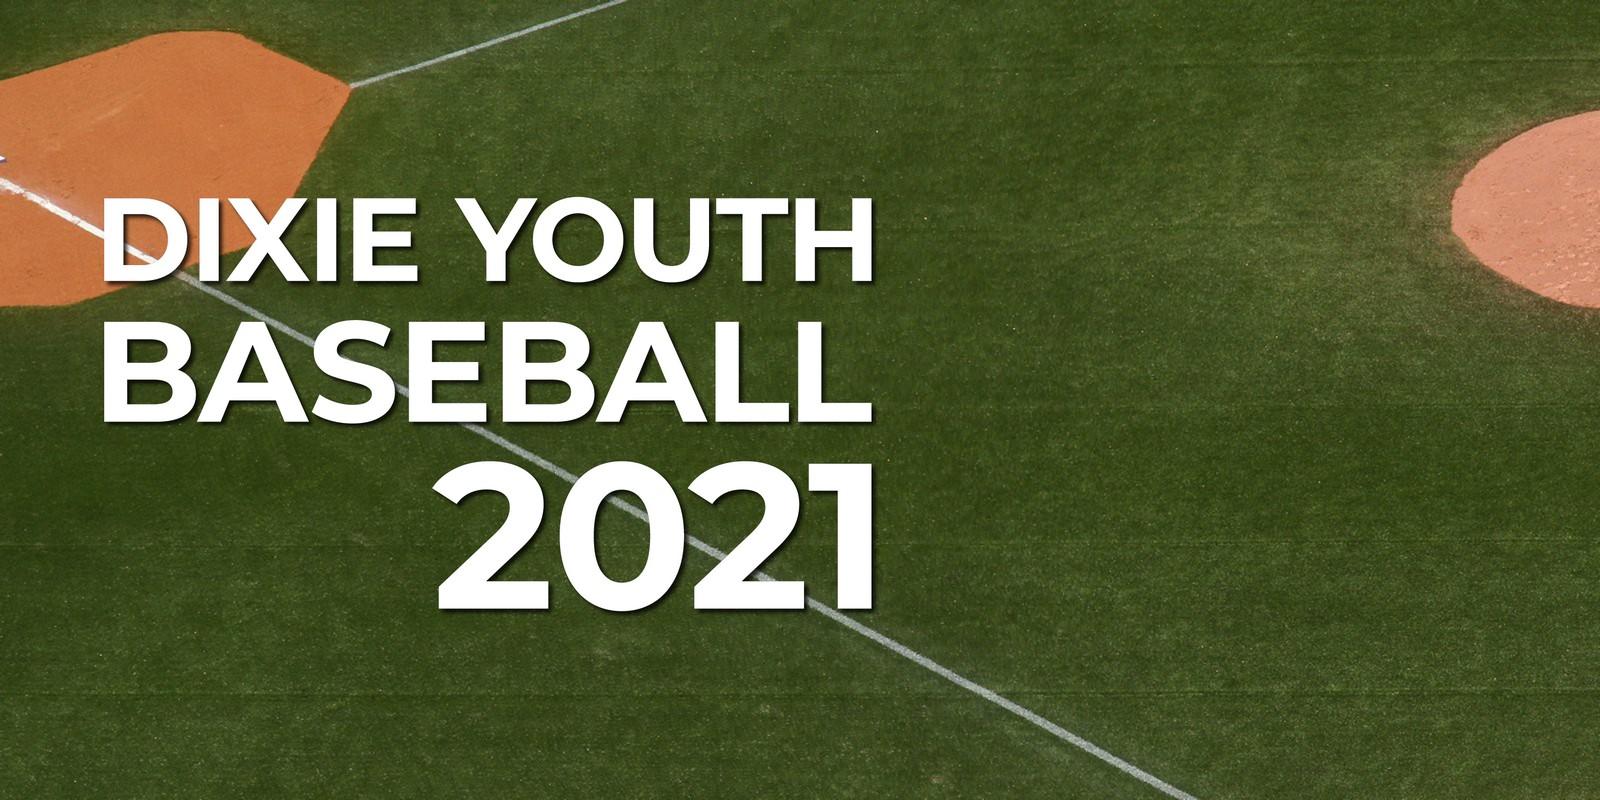 Dixie Youth Baseball 2021